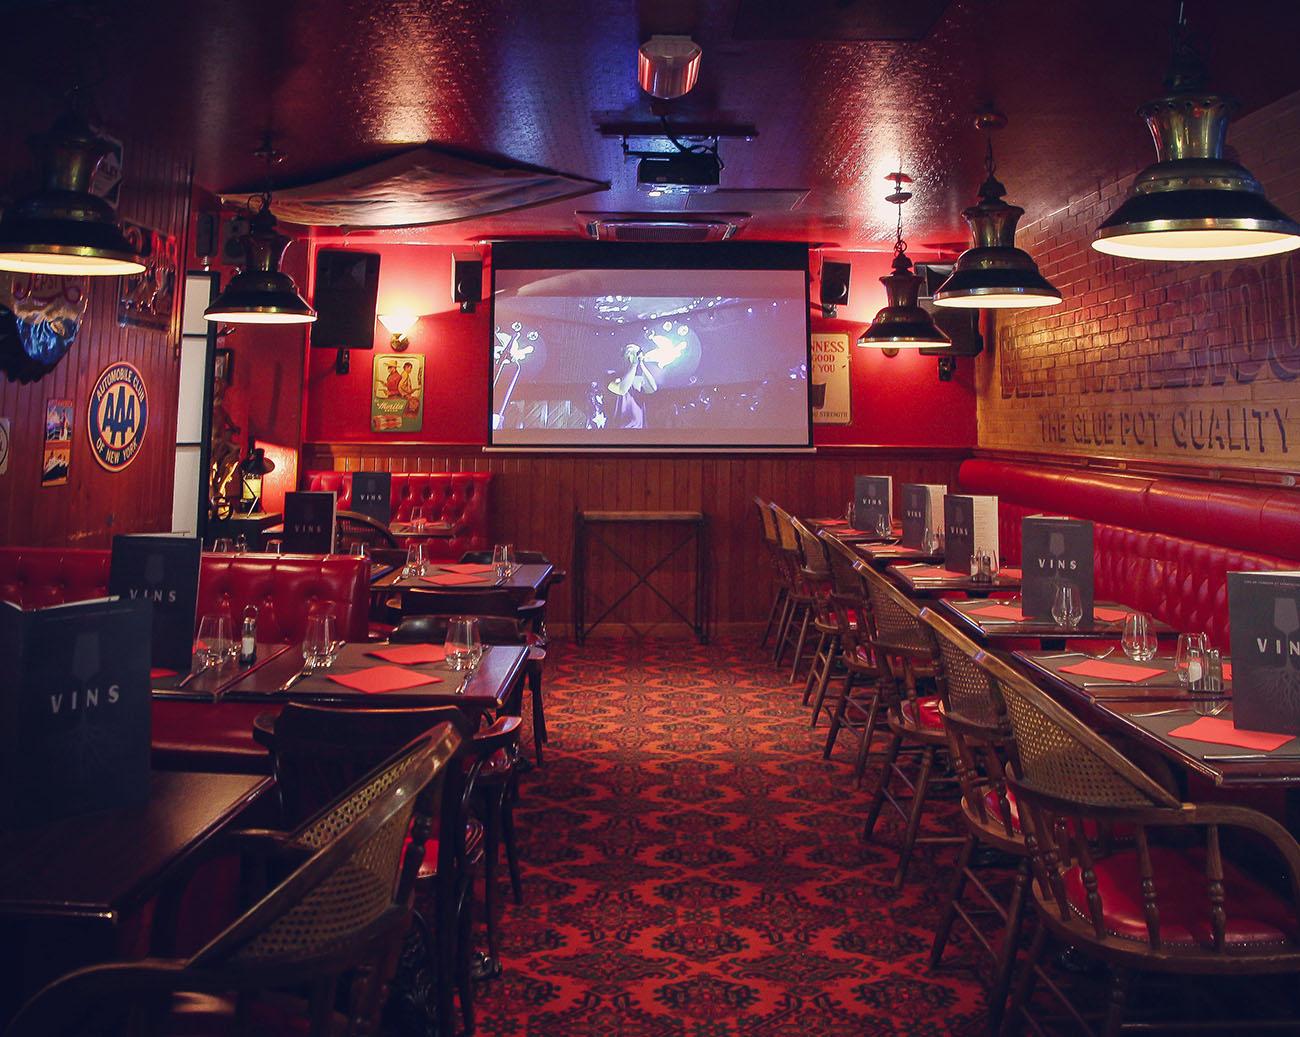 La salle restaurant du The Glue Pot à Reims. Diffusion sur grand écran de concerts, des grandes rencontres sportives, de cinéma...